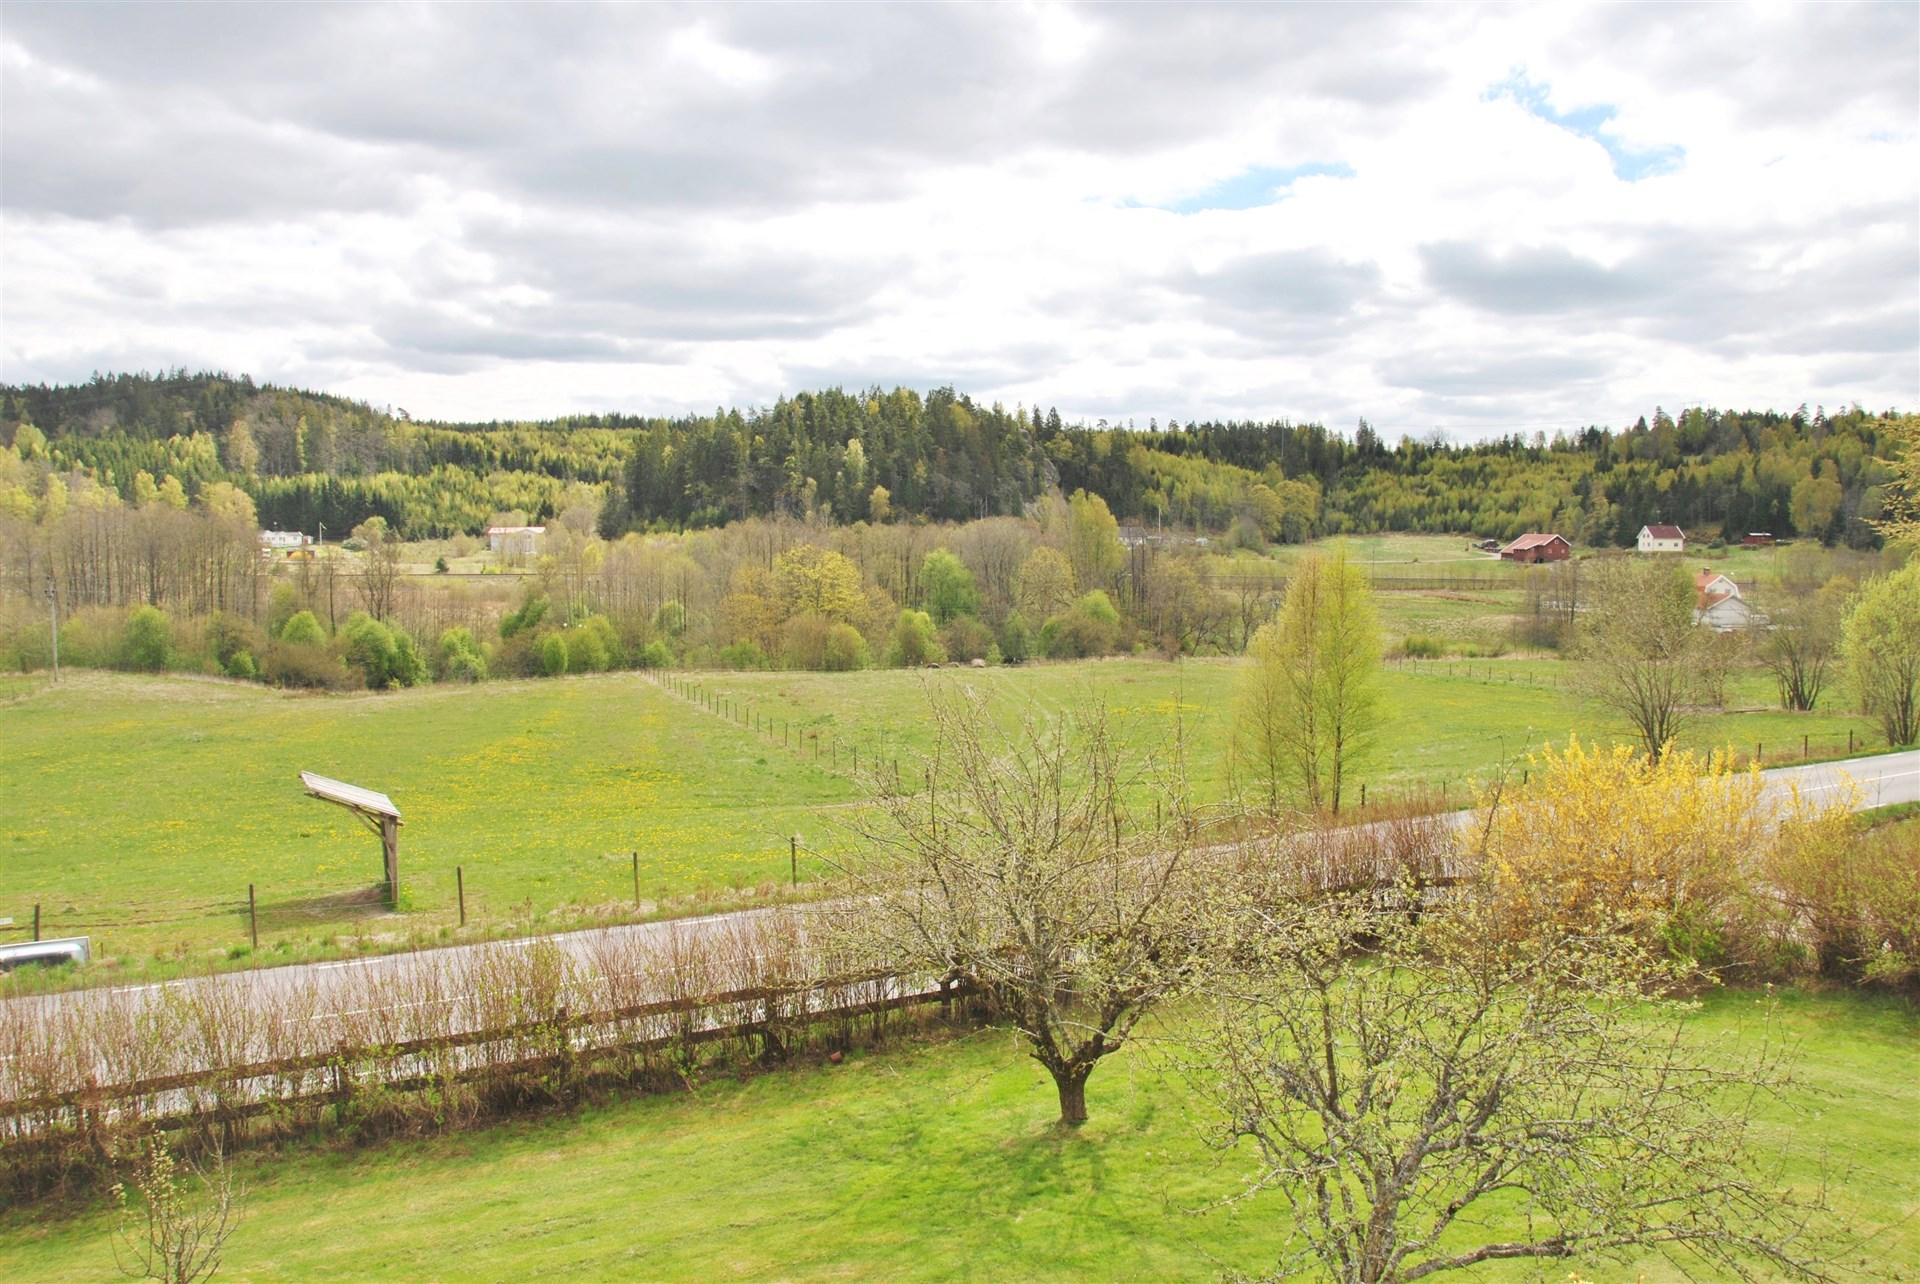 Utsikt från balkongen - över intilliggande hagmarken och vackert landskap